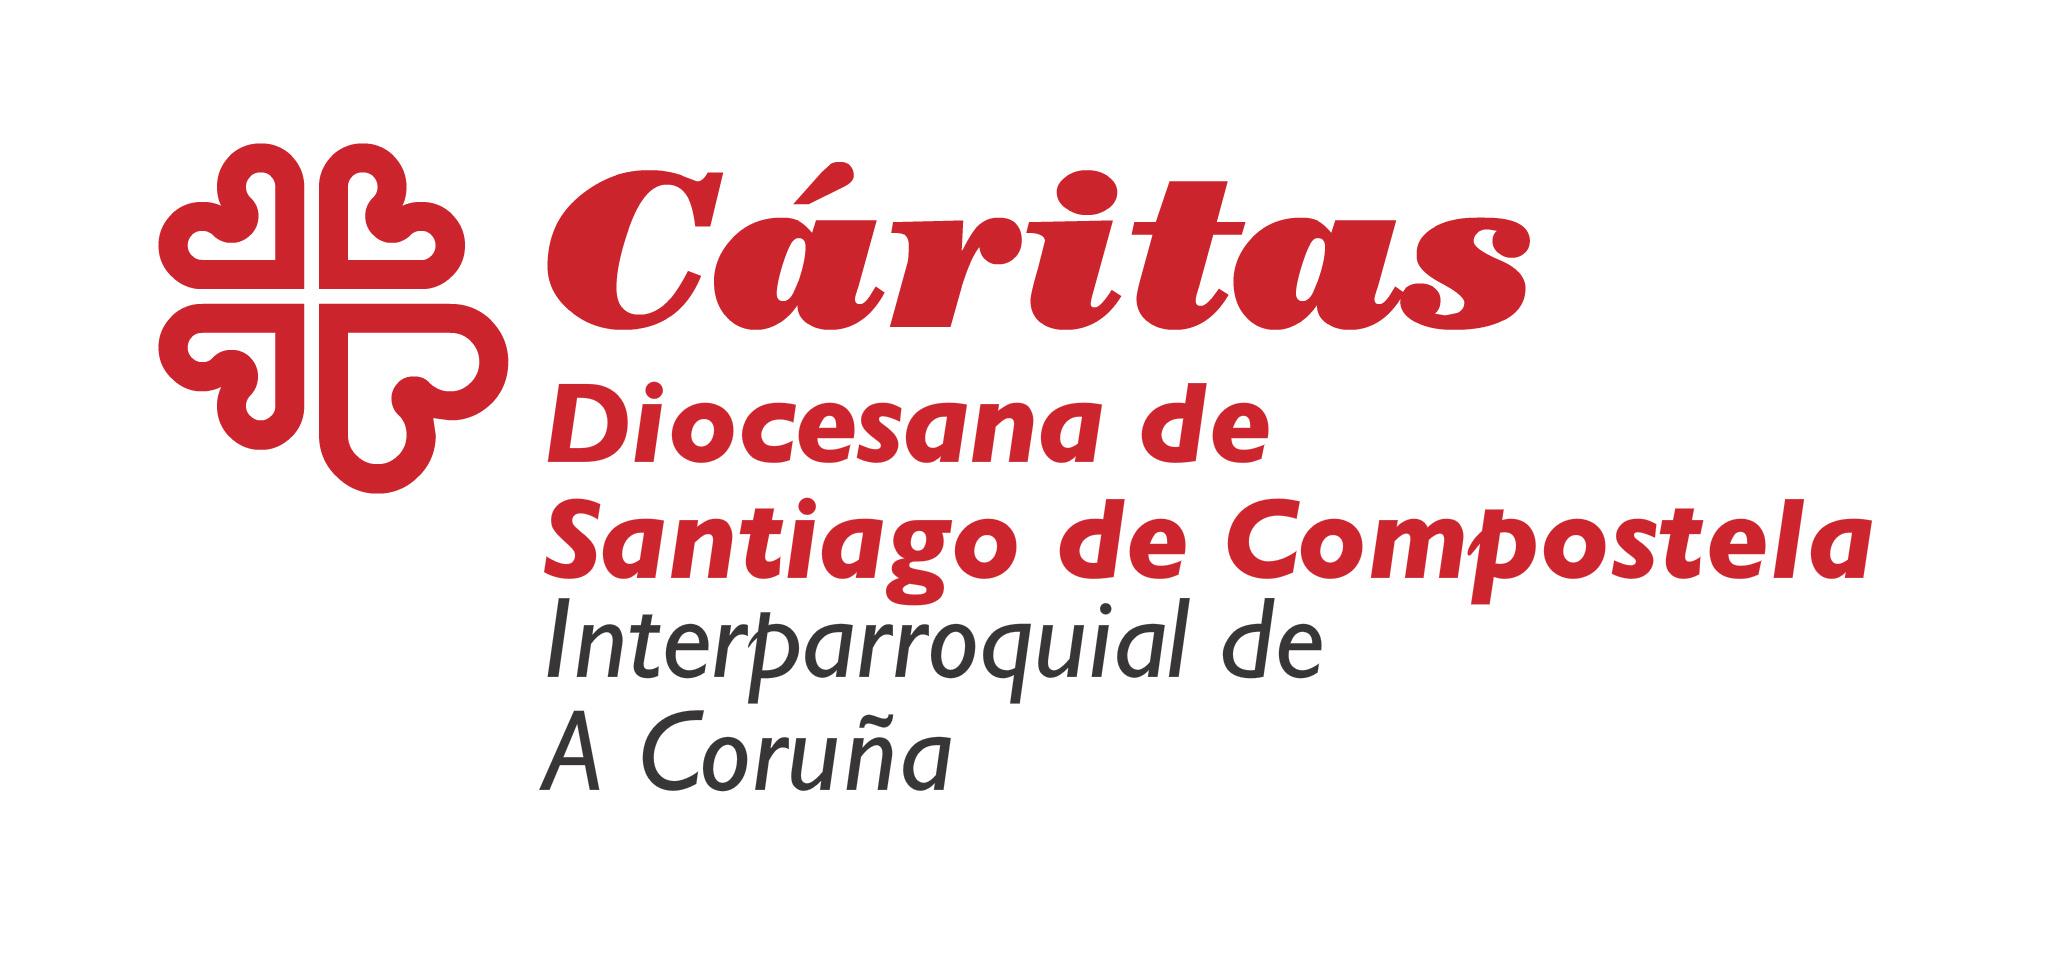 Cáritas Interparroquial A Coruña